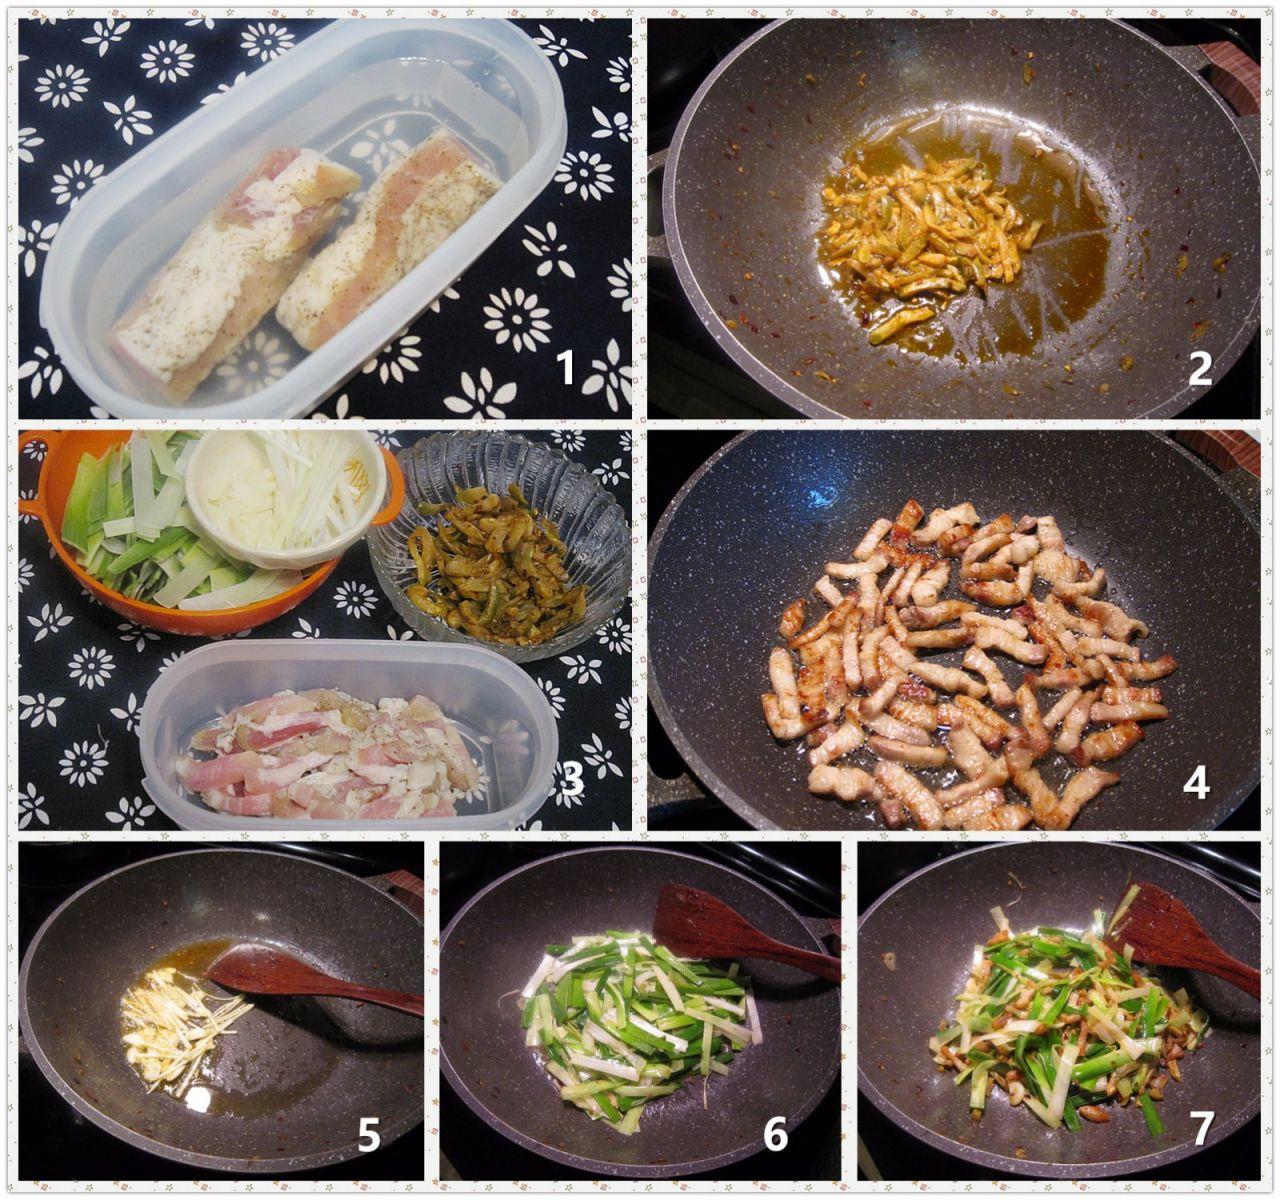 榨菜咸肉炒蒜叶_图1-2